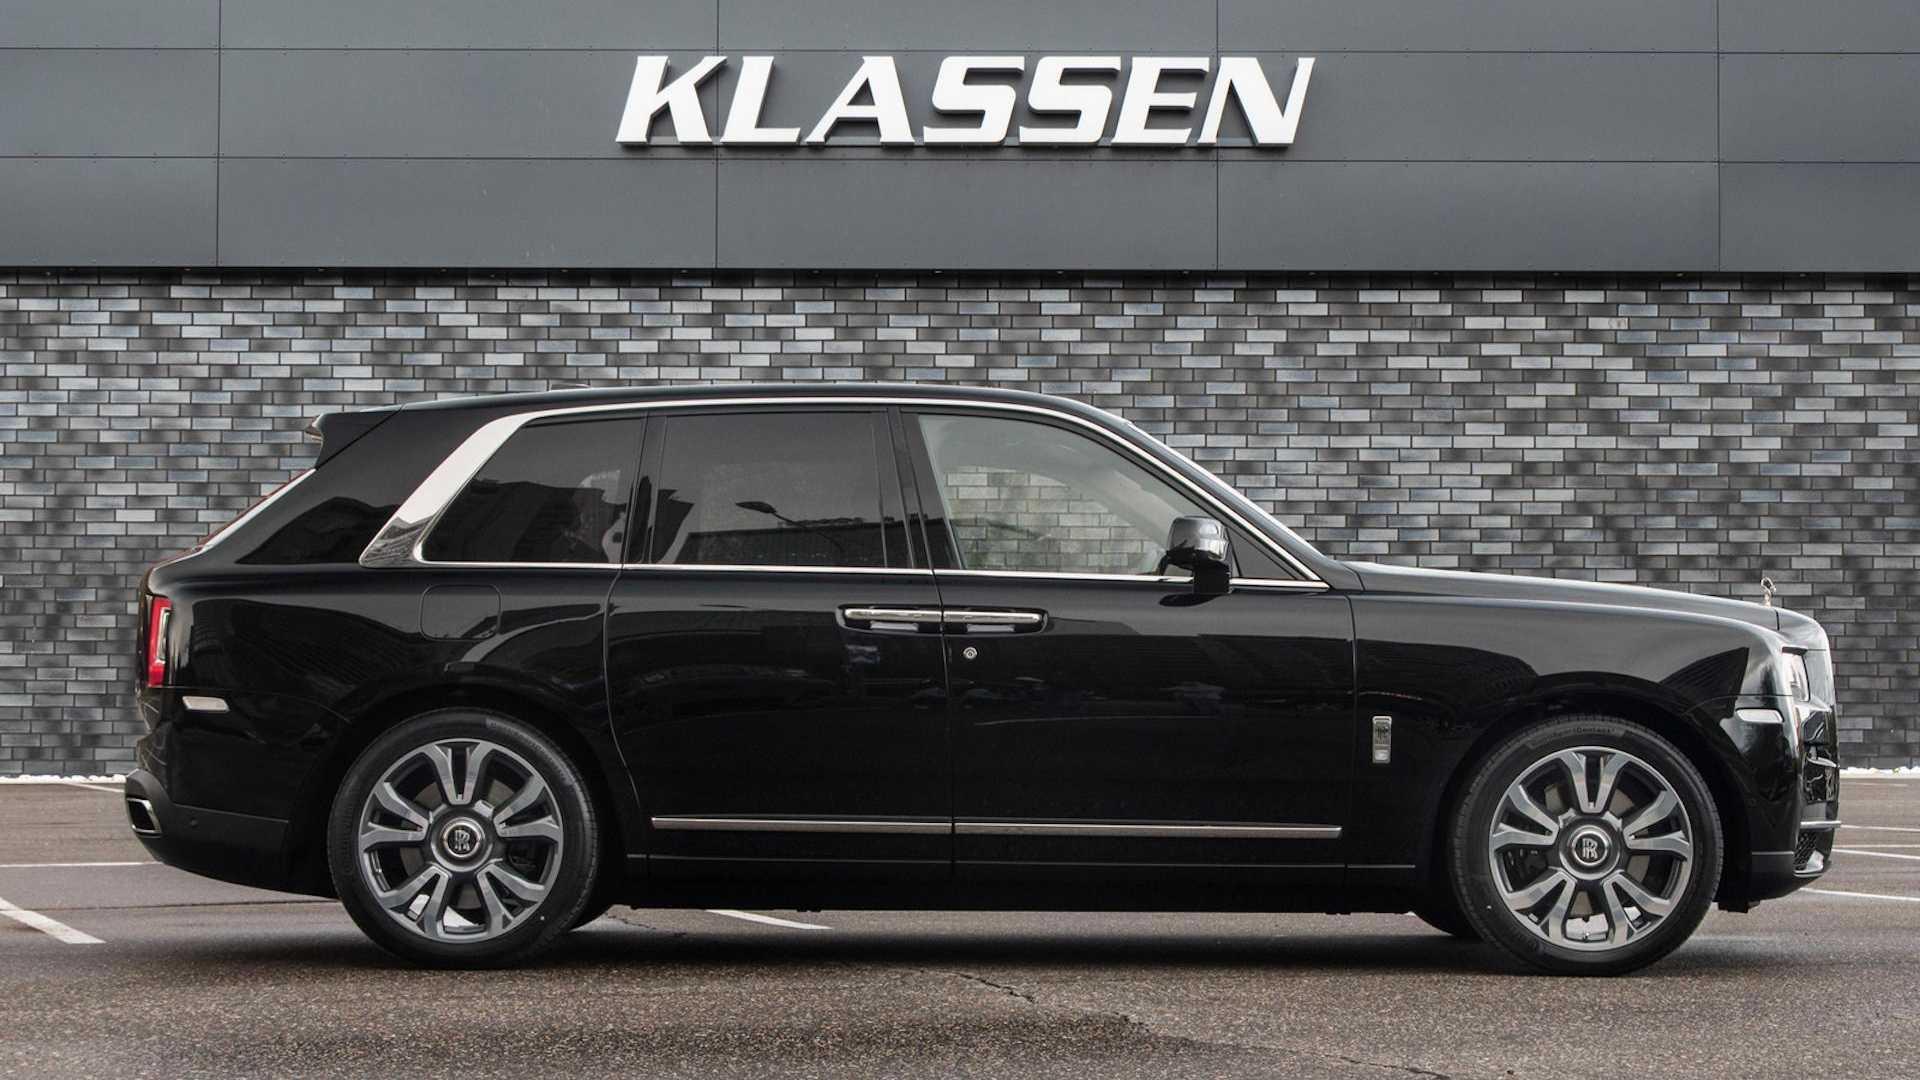 Klassen_Rolls-Royce_Cullinan-0002